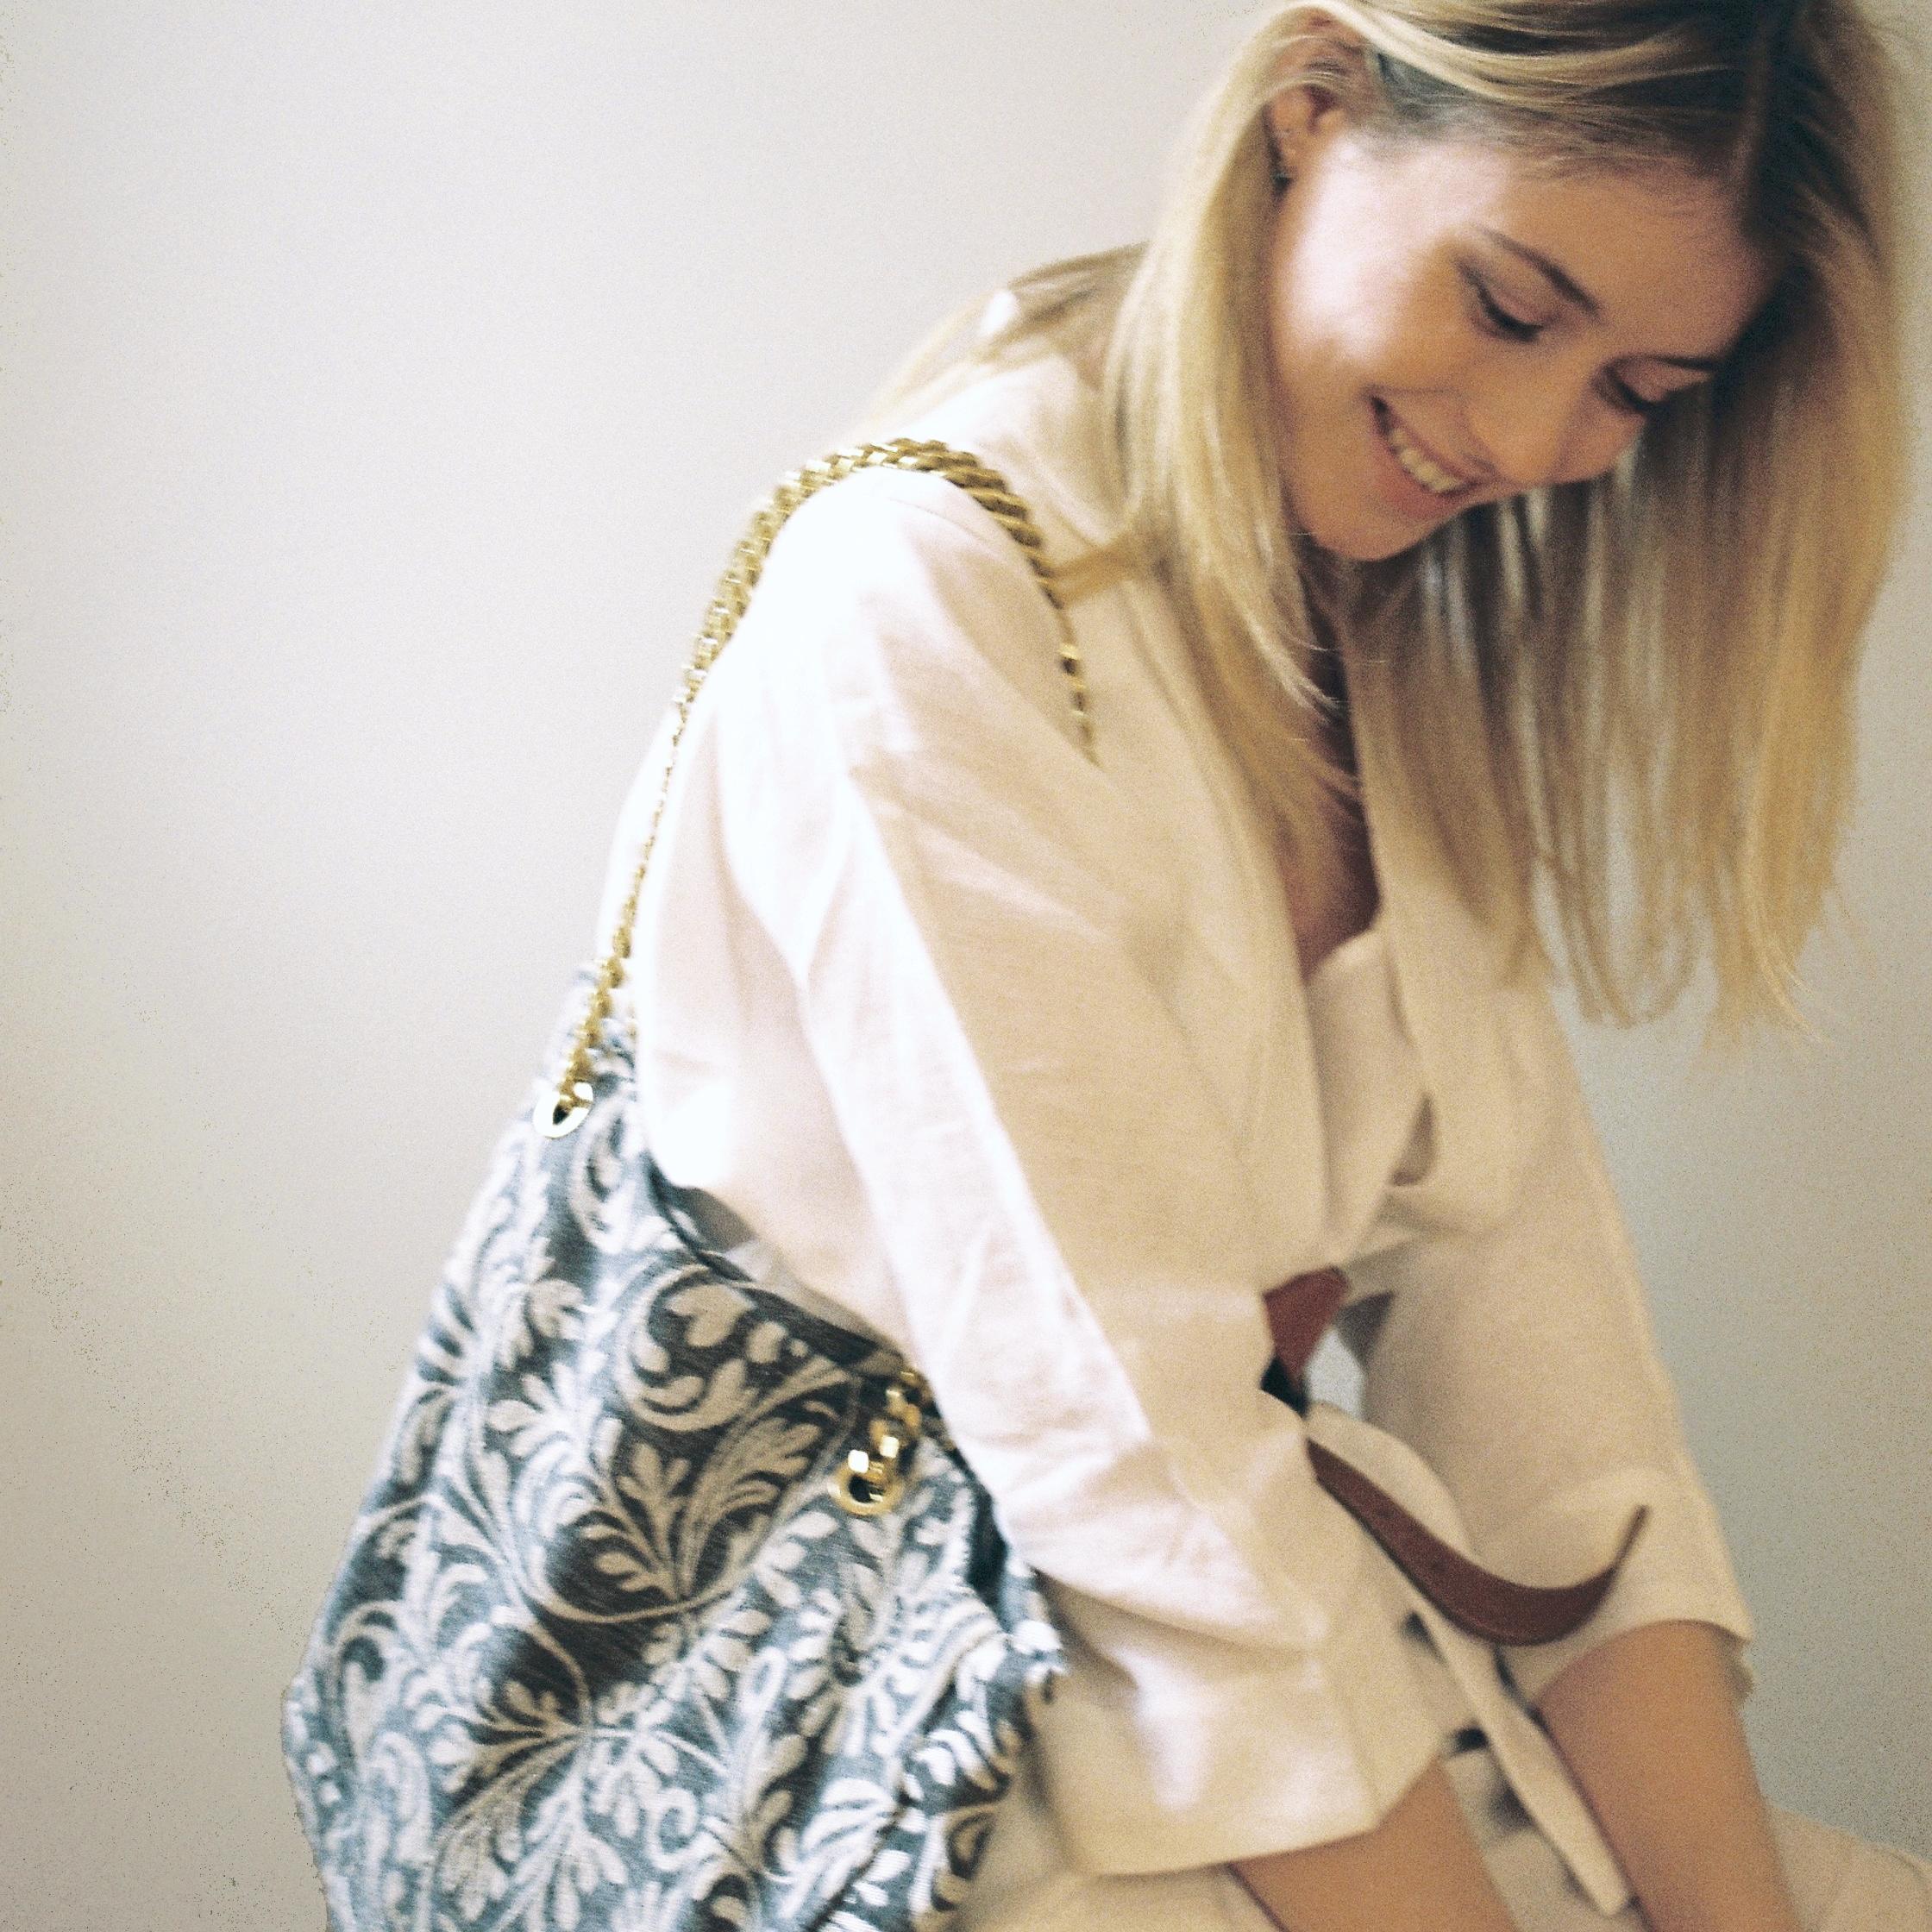 MARLI - Une marque française de sacs cabas réalisés à partir de tissus d'ameublement recyclés. Chaque pièce est unique et fabriquée en France par des personnes en situation de handicap.Voir le site